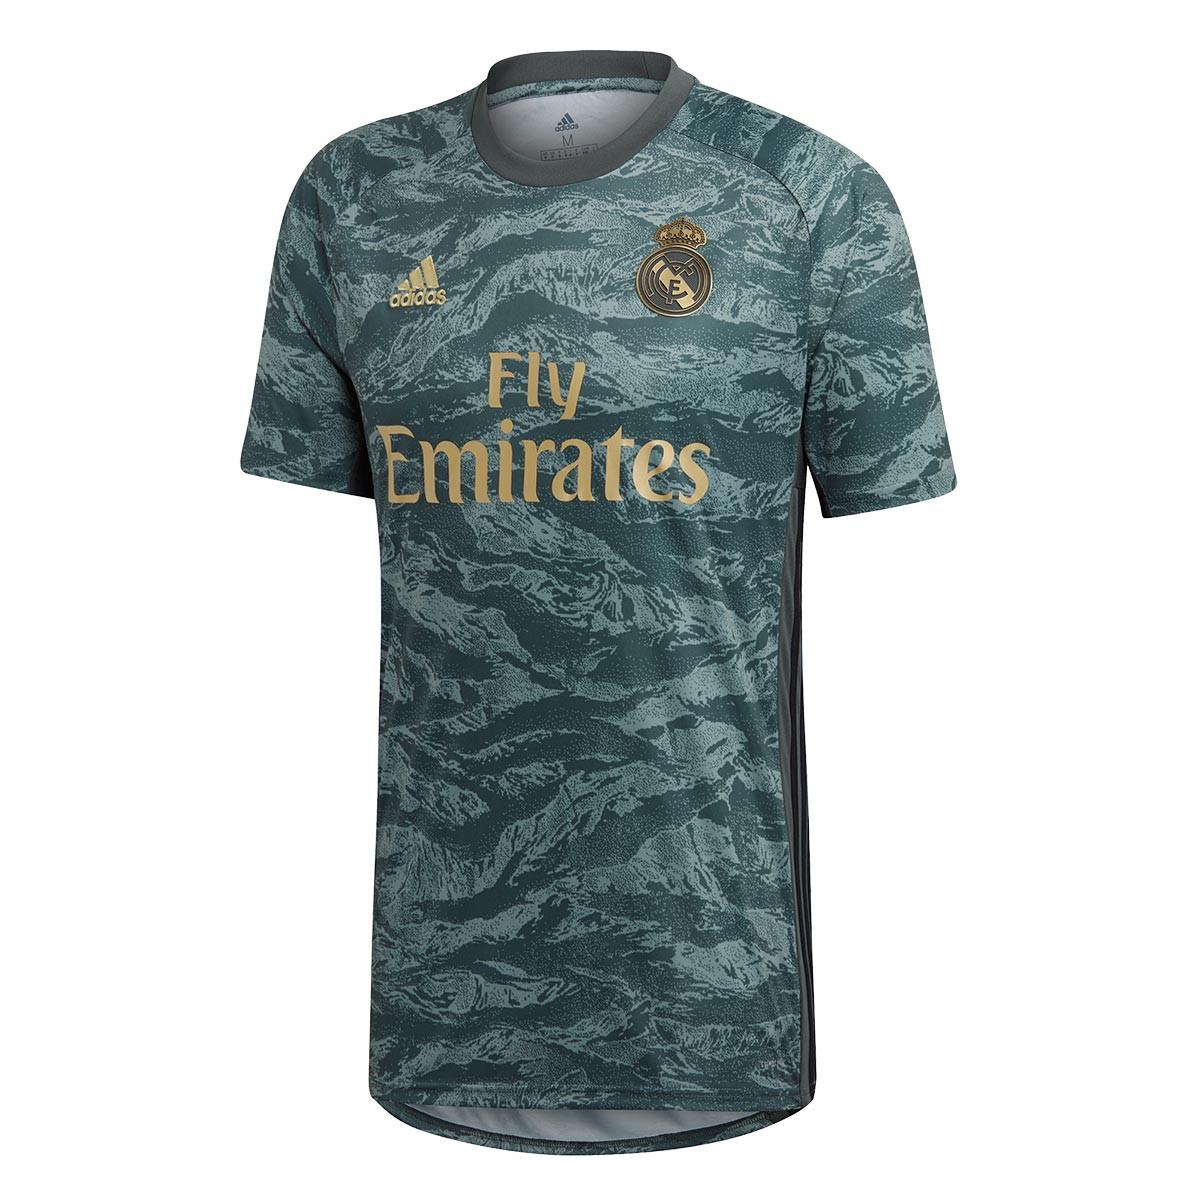 Camisola adidas Real Madrid Guarda redes Equipamento Suplente 2019 2020